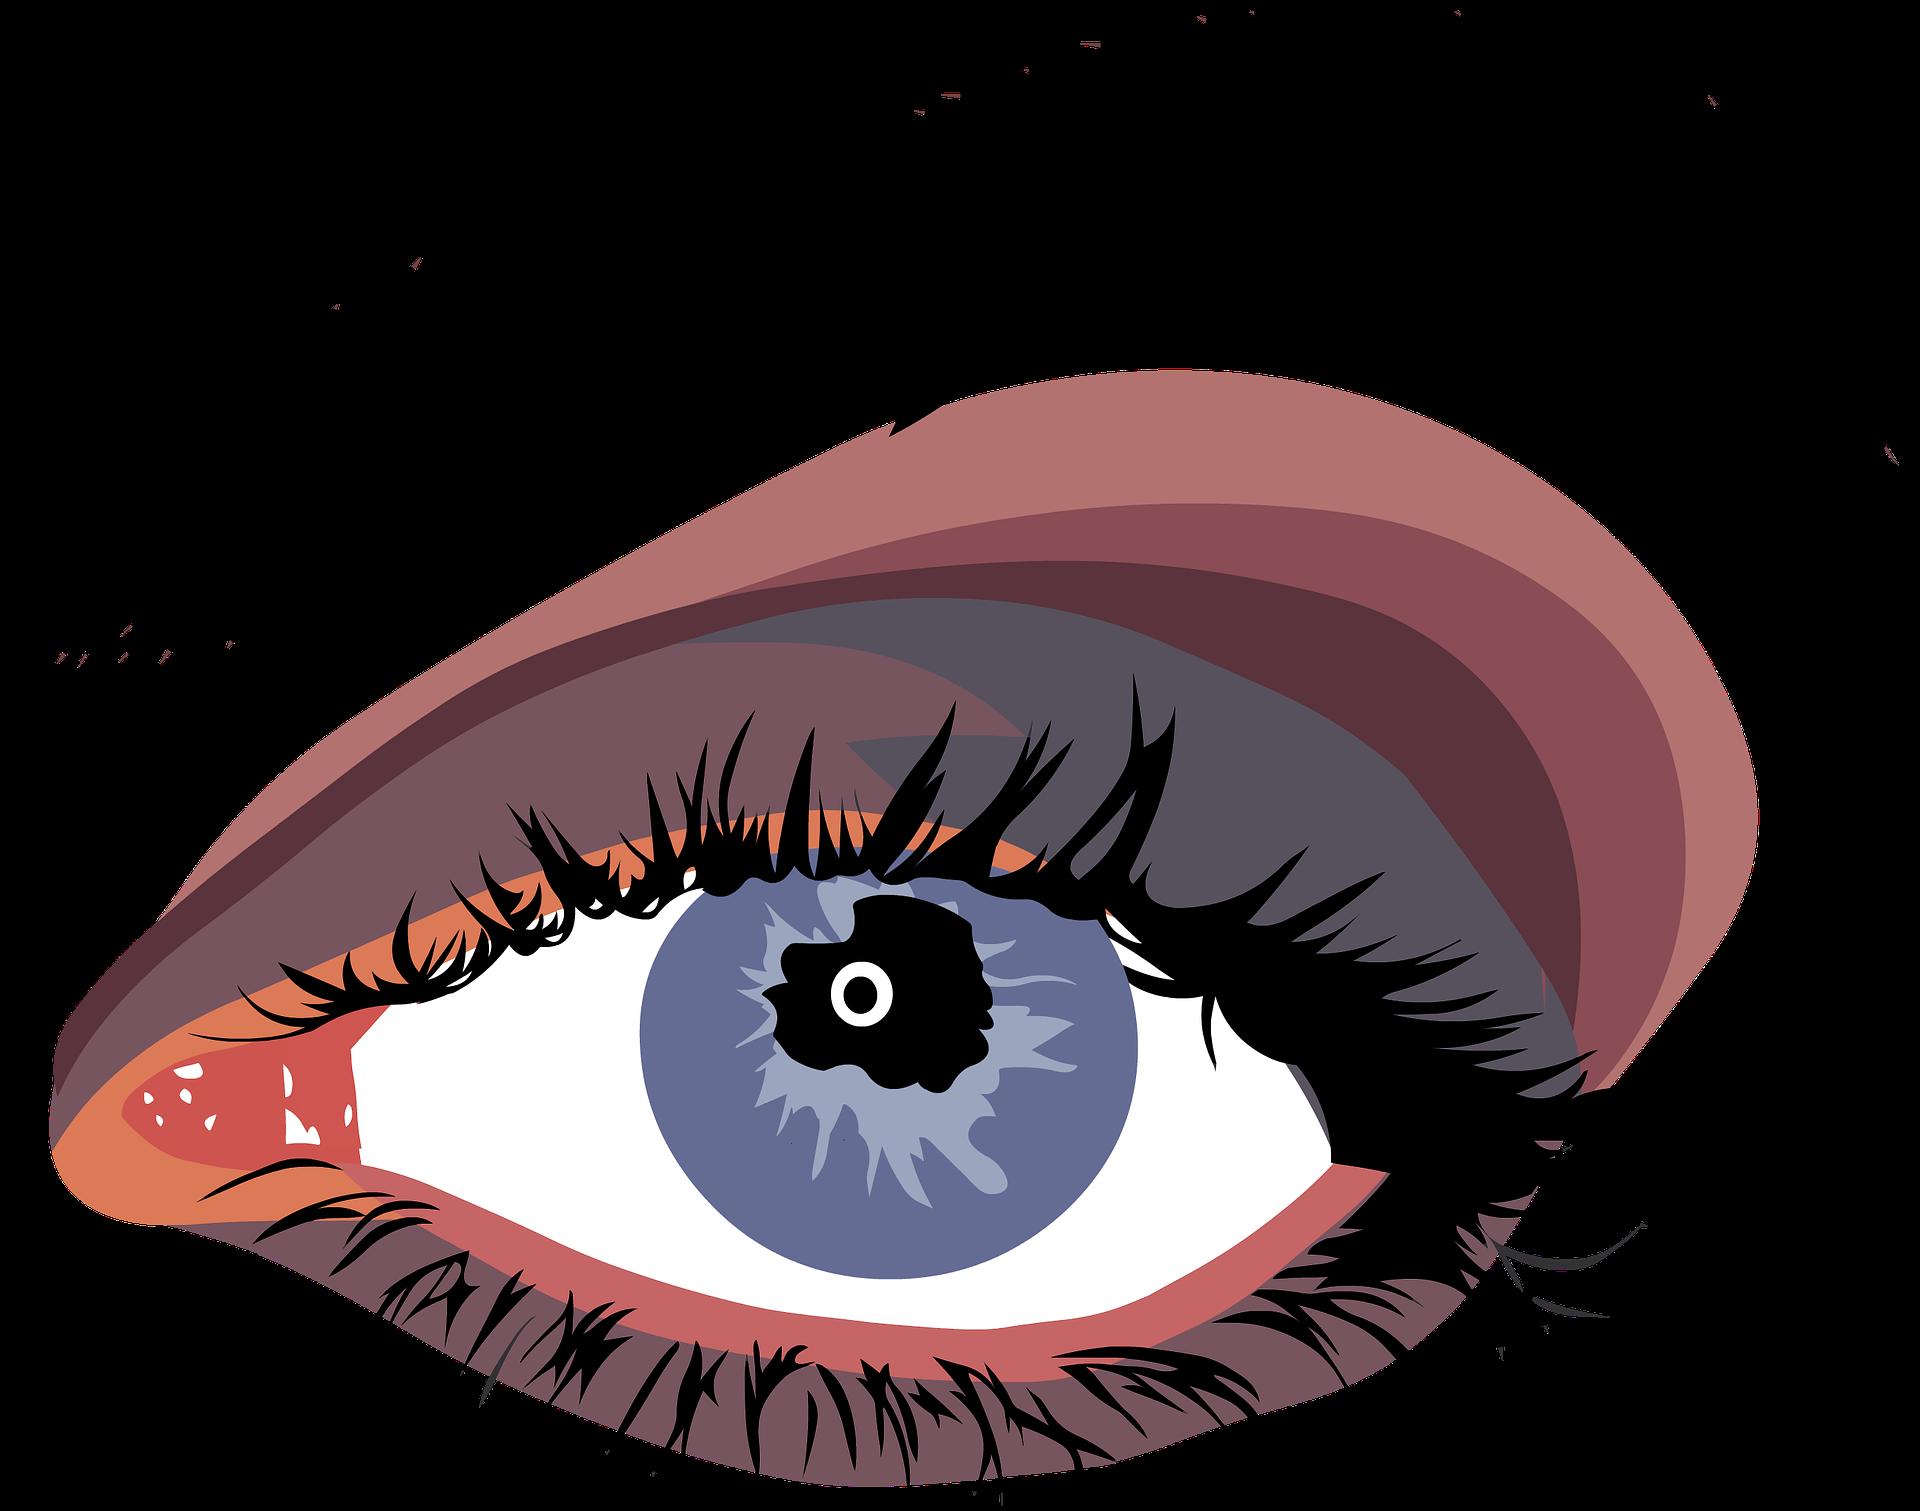 Eyebrow clipart false eyelash. Eyes ninkirose by nikisha